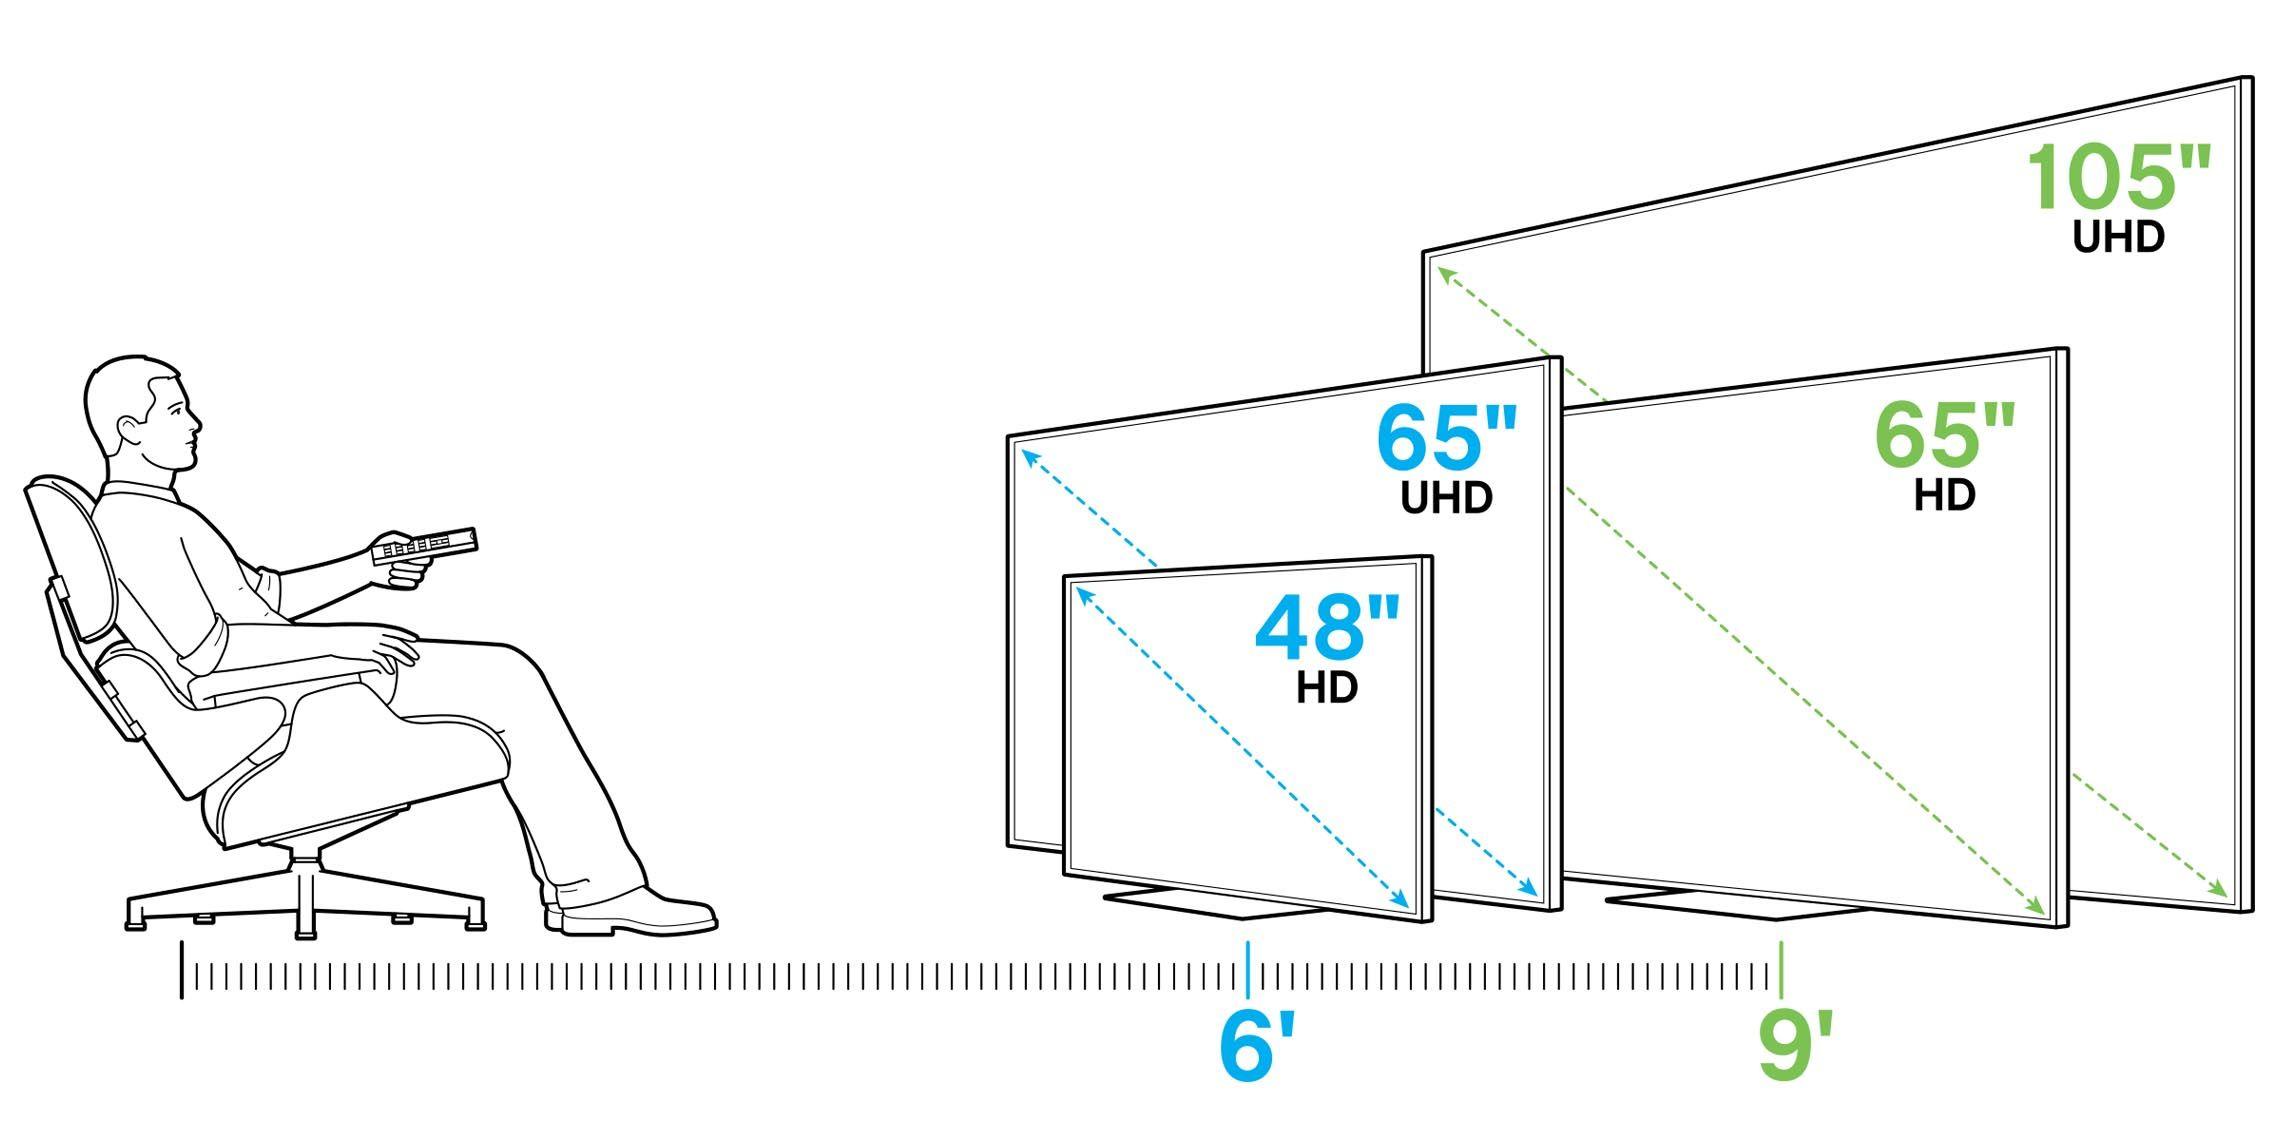 TV Buying Guide | Tv size, Tv size guide, Tv buying guide